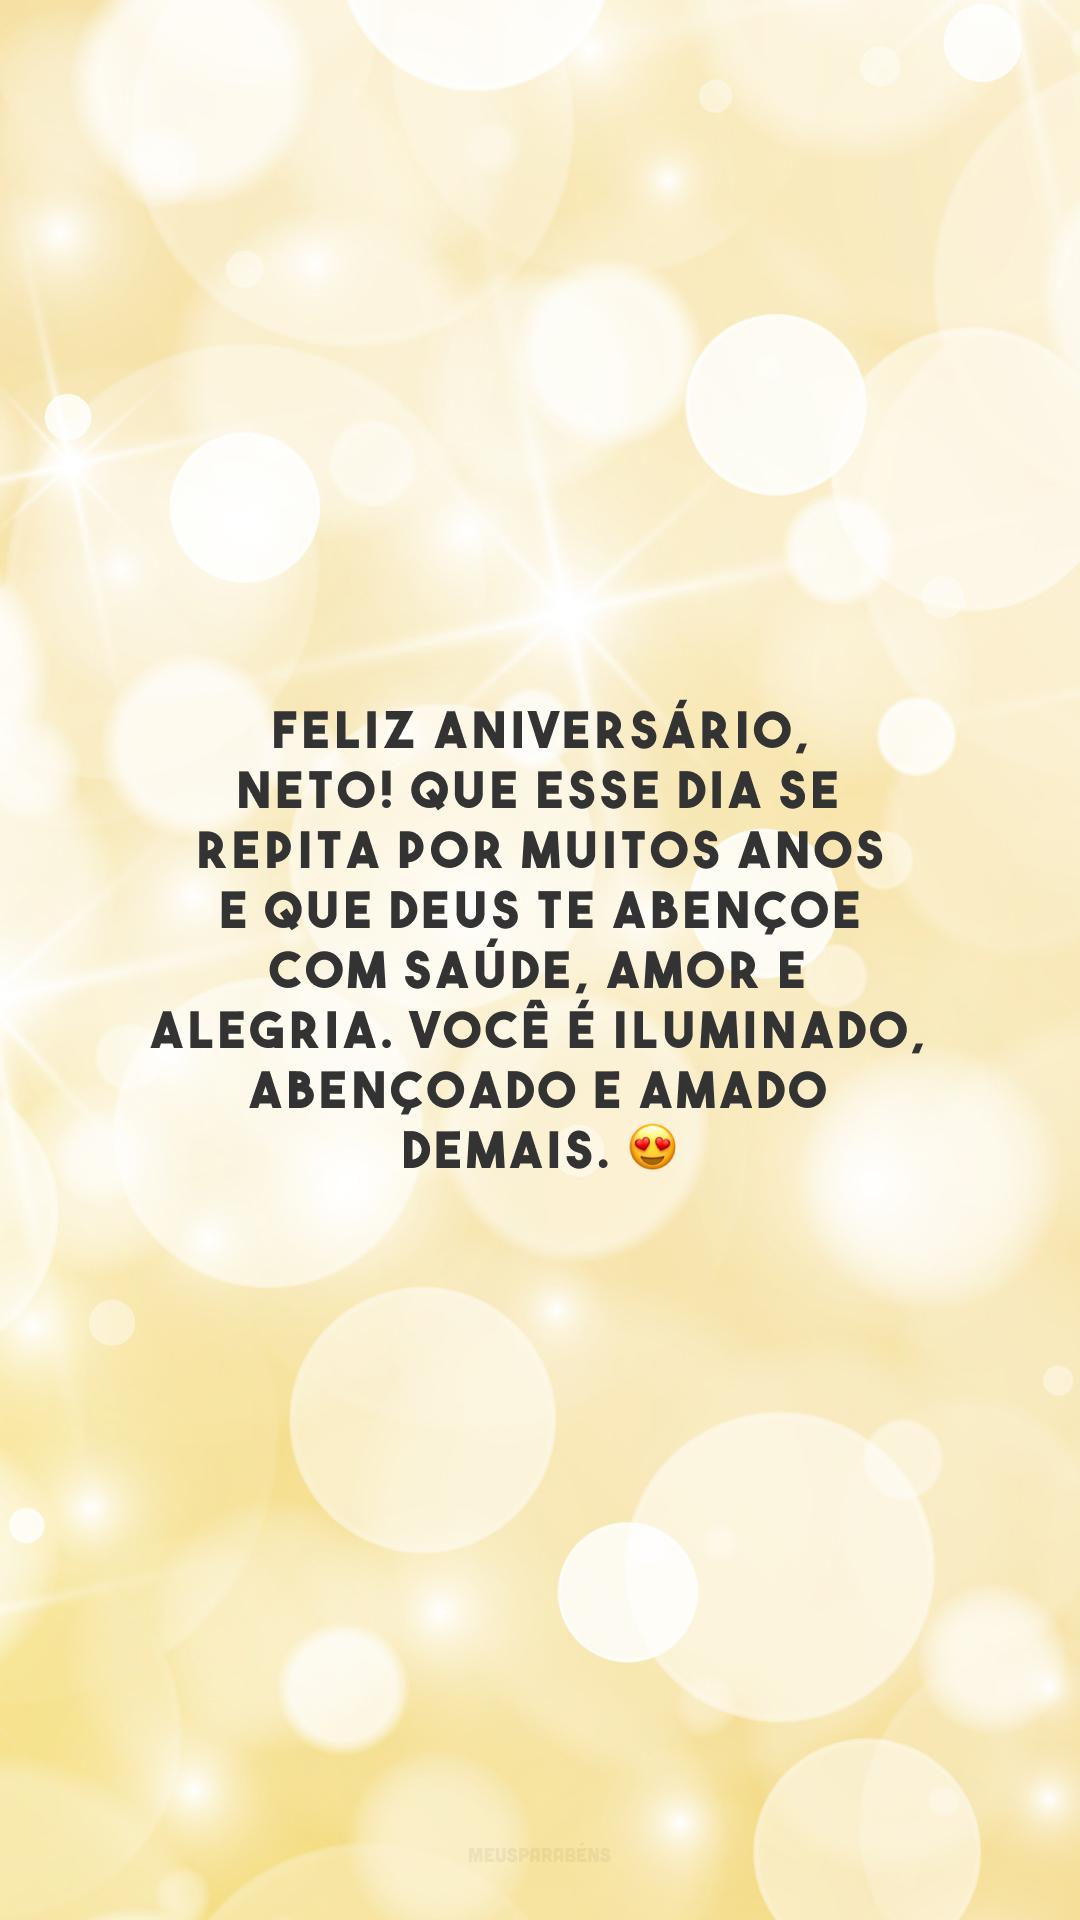 Feliz aniversário, neto! Que esse dia se repita por muitos anos e que Deus te abençoe com saúde, amor e alegria. Você é iluminado, abençoado e amado demais. 😍